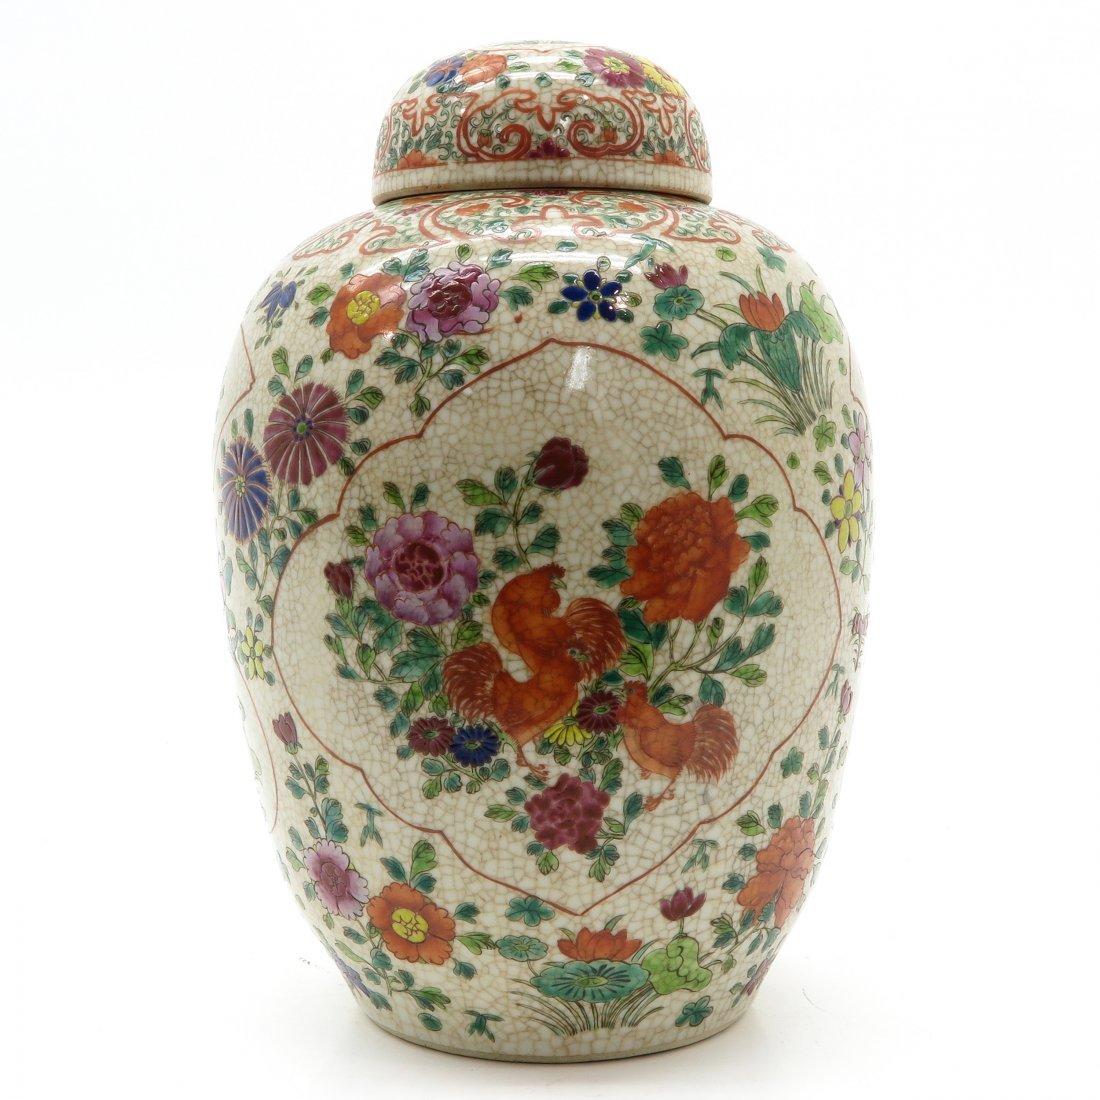 China Porcelain Crackleware Decor Lidded Pot